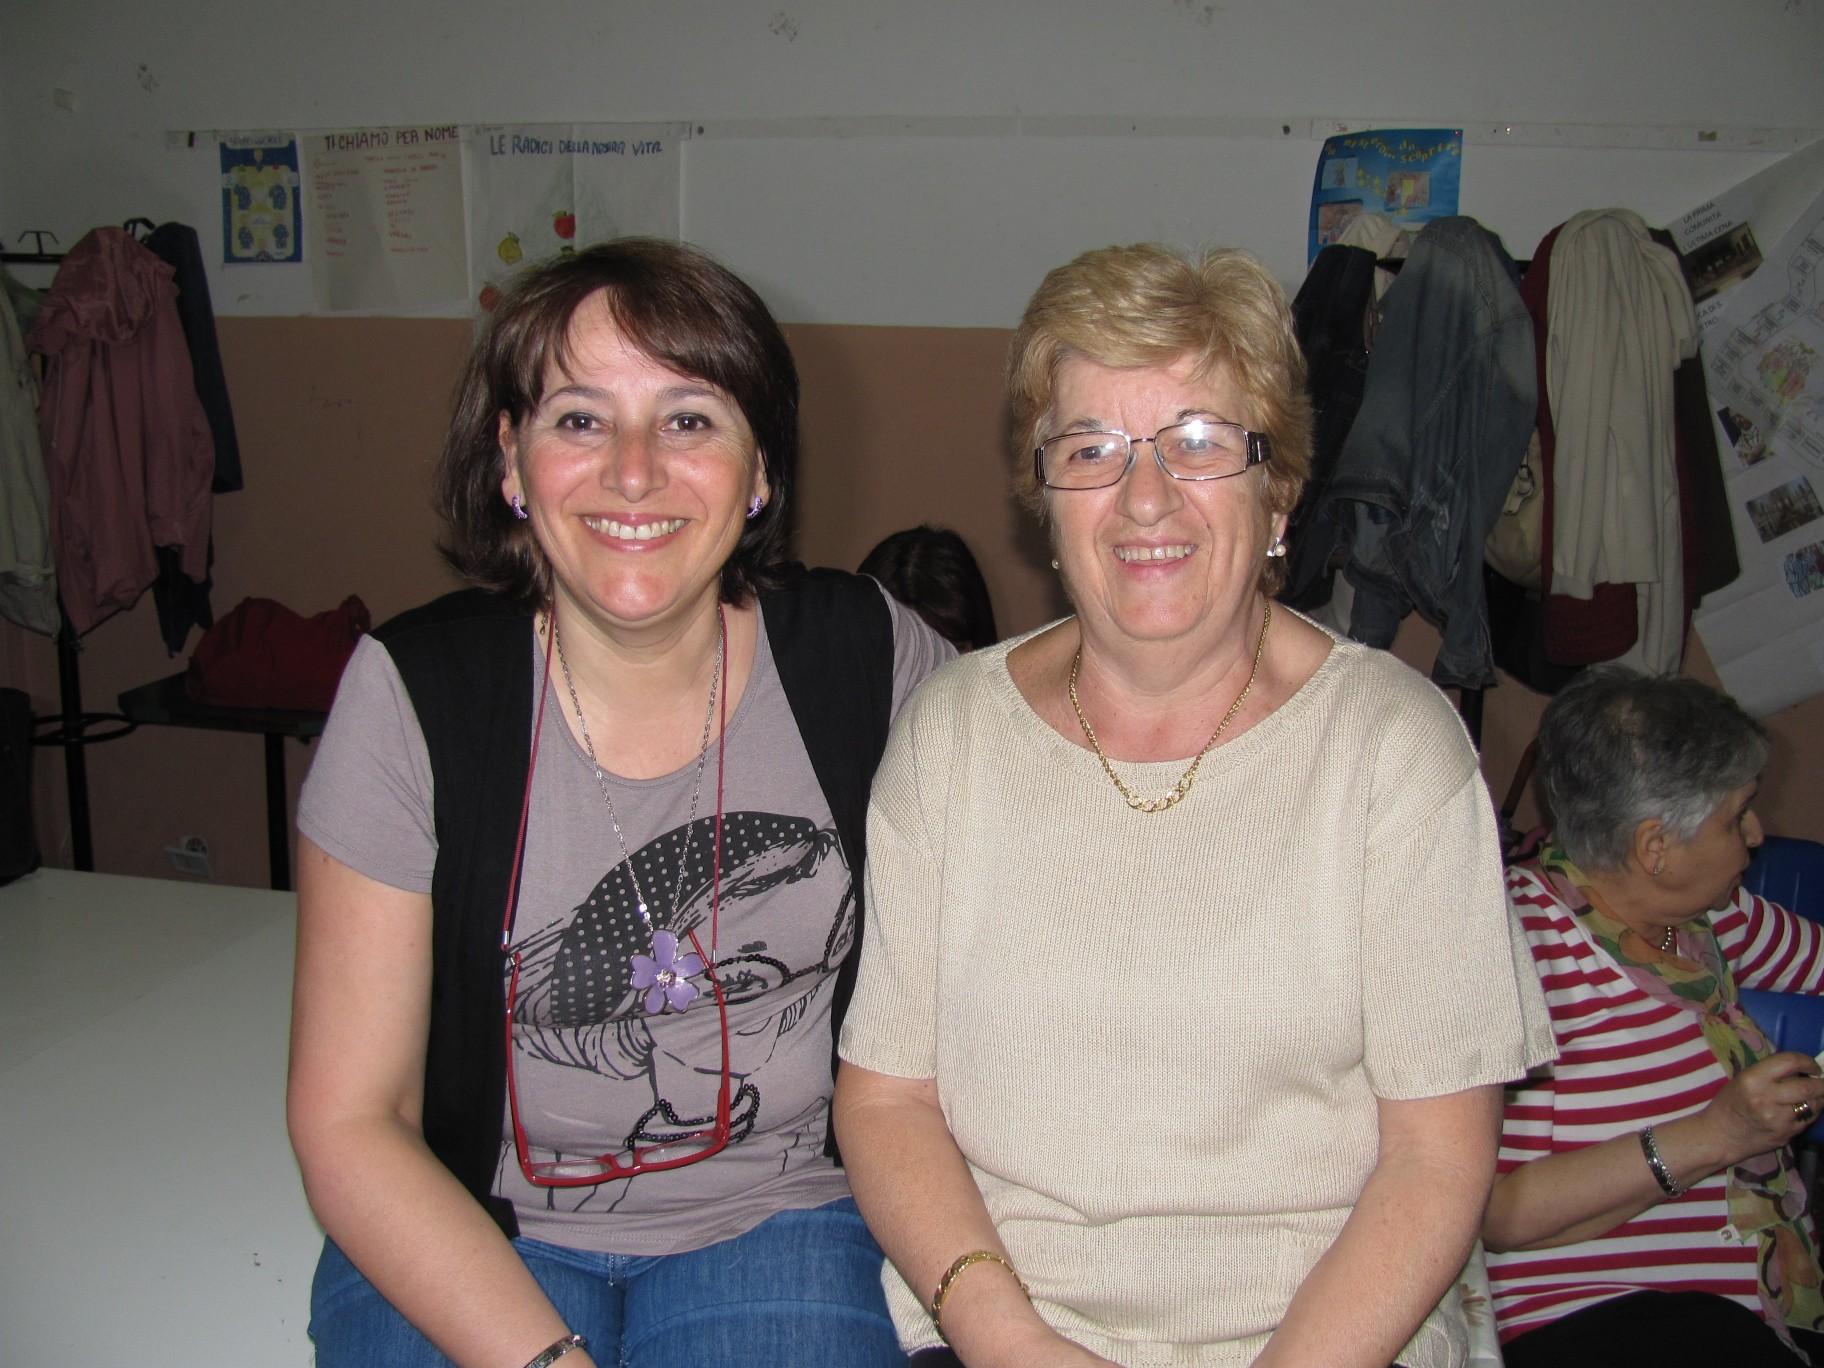 serata_catechiste_coro-2011-06-01-20-16-26